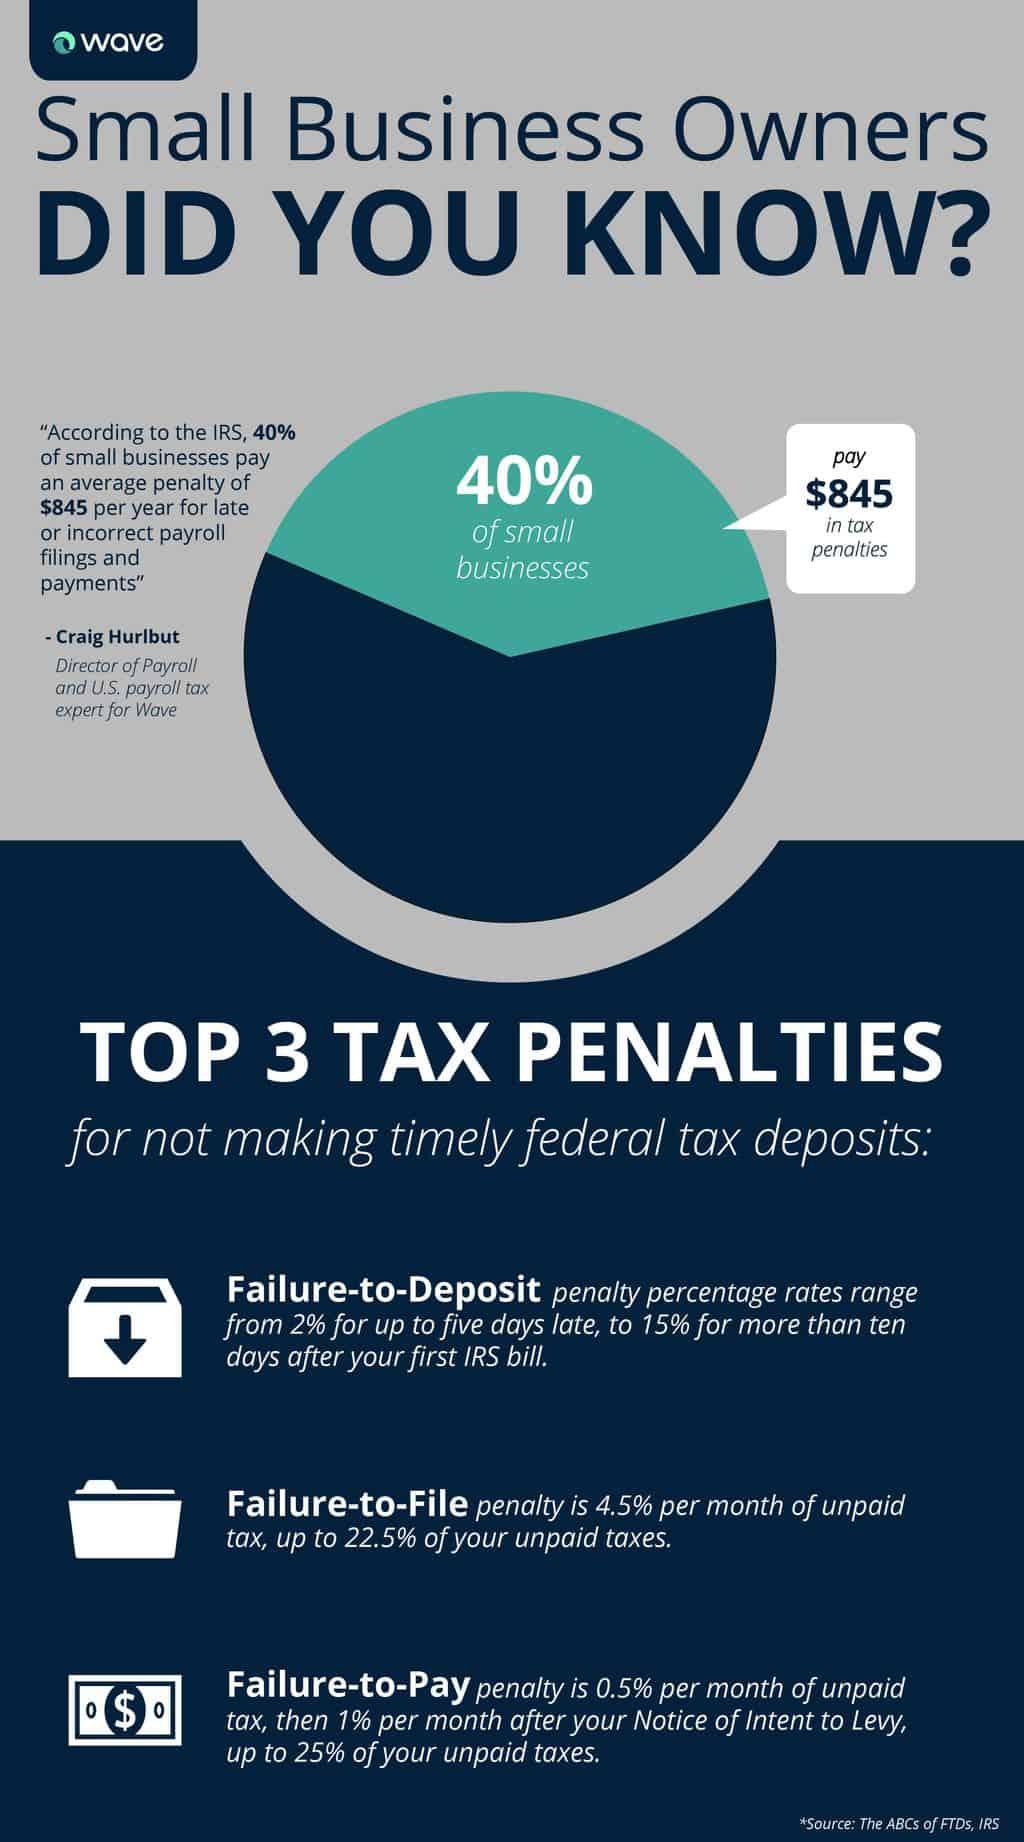 Top 3 Tax Penalities